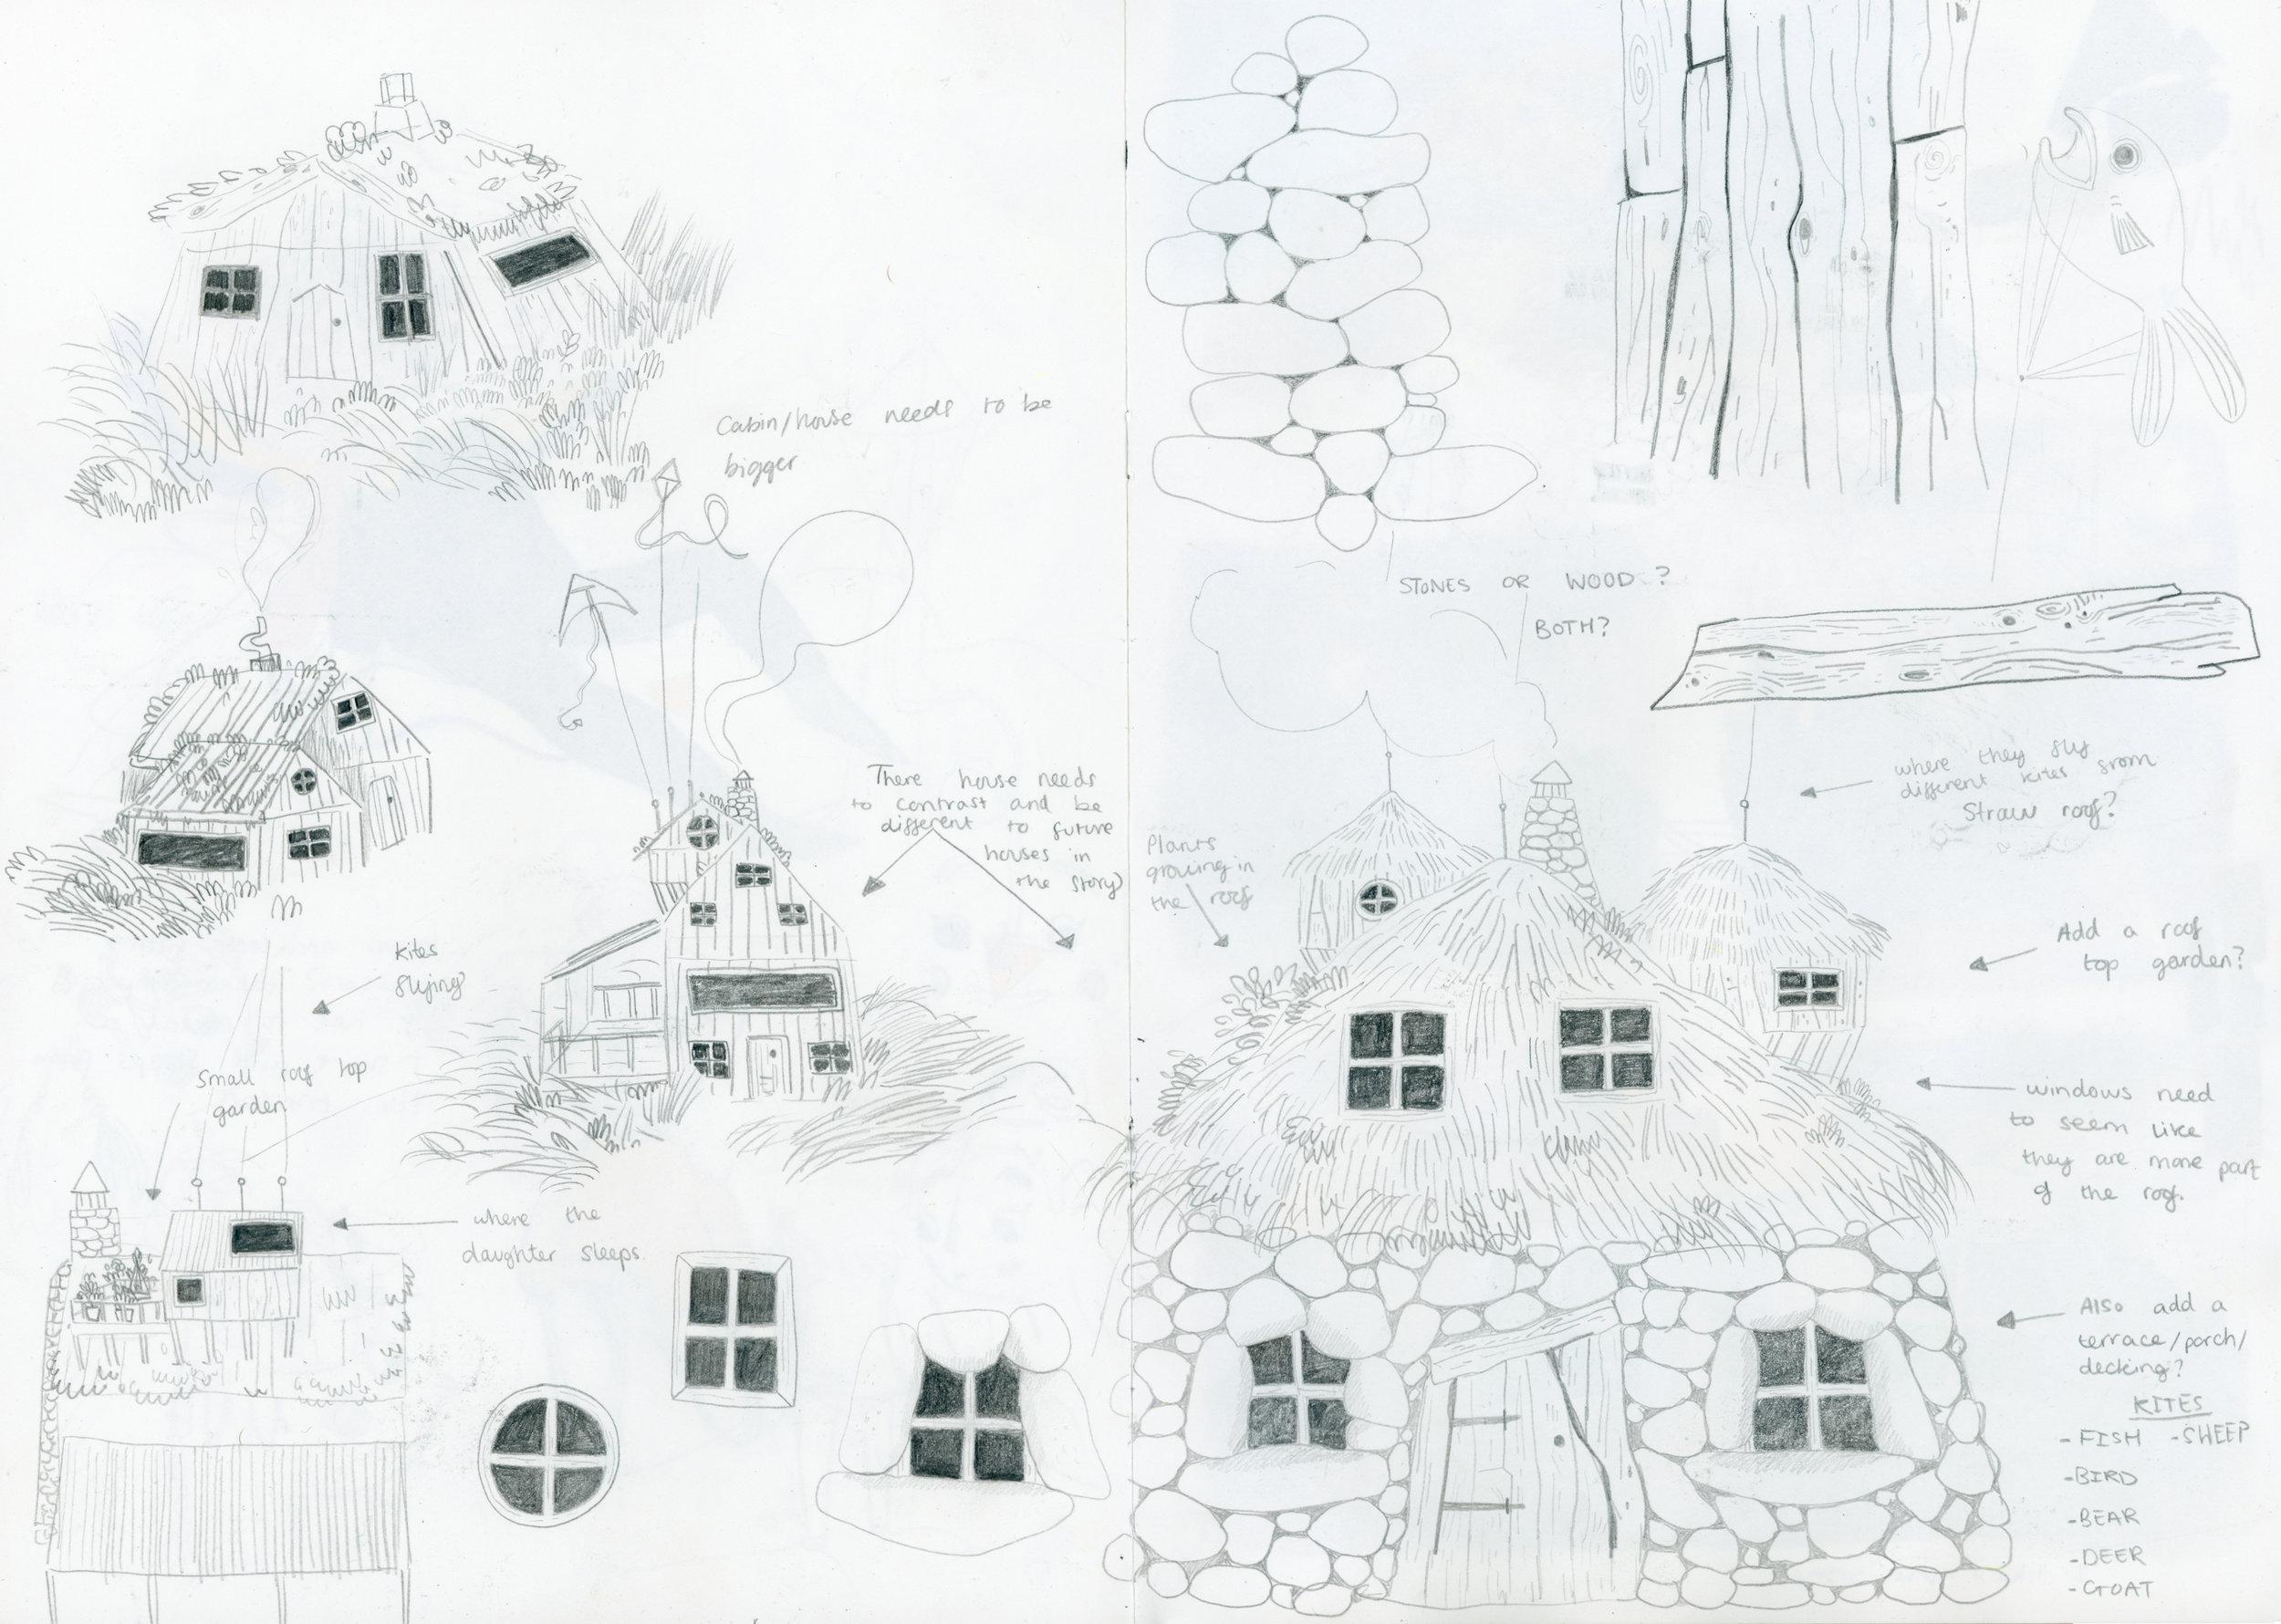 kite-maker-cabins.jpg